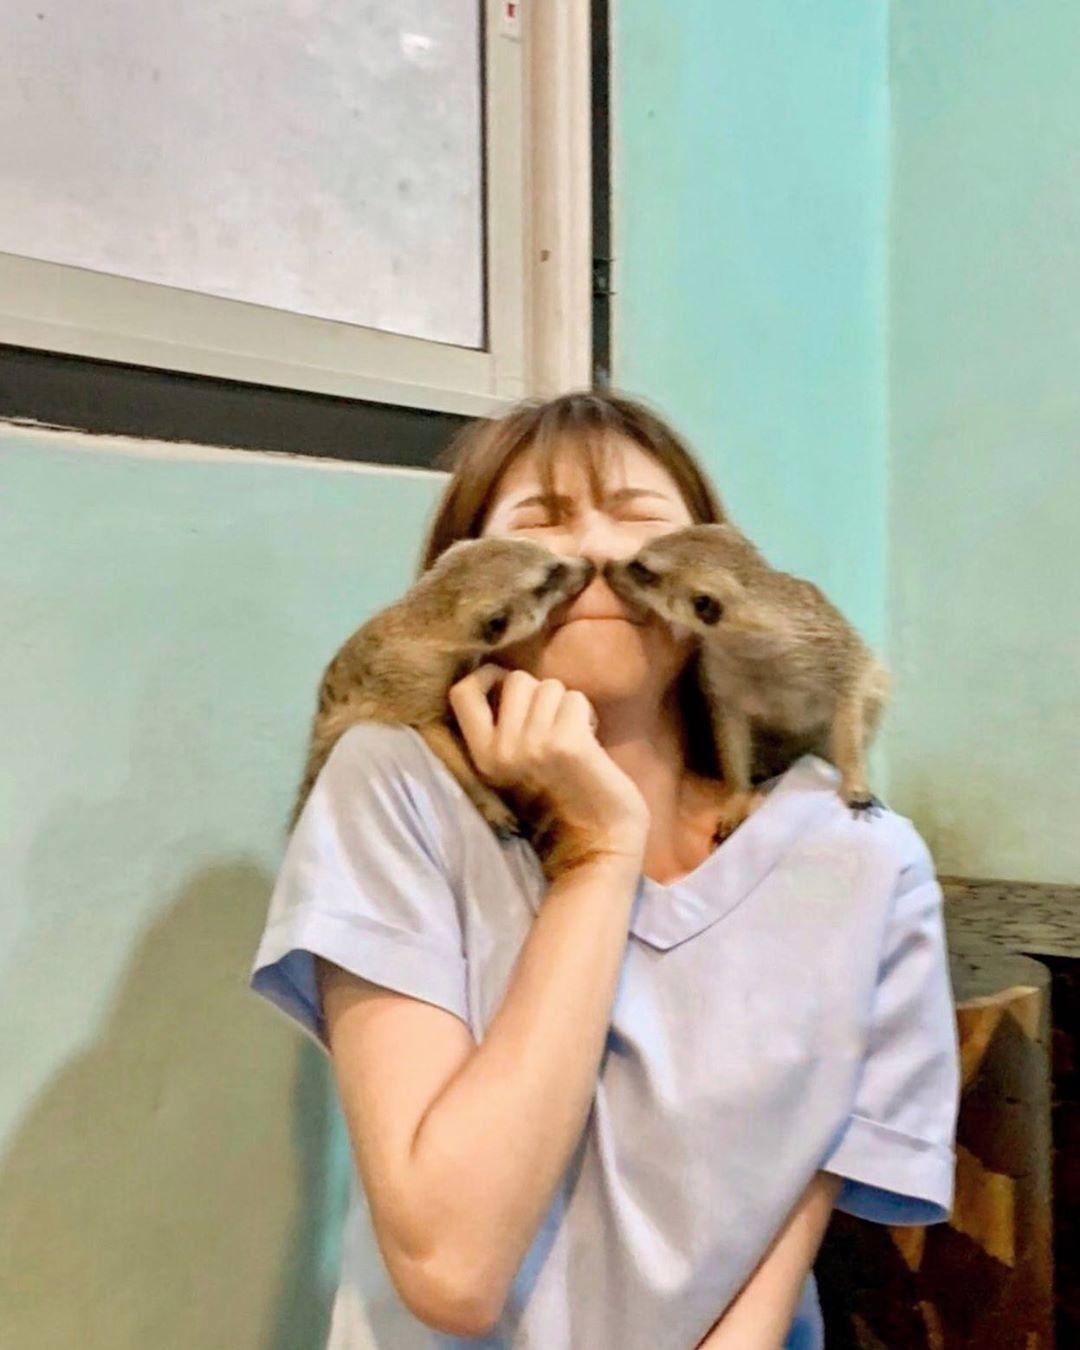 清新正妹被封「獸醫女神」連野生猛獸都被迷倒 網友心動:想投胎當動物